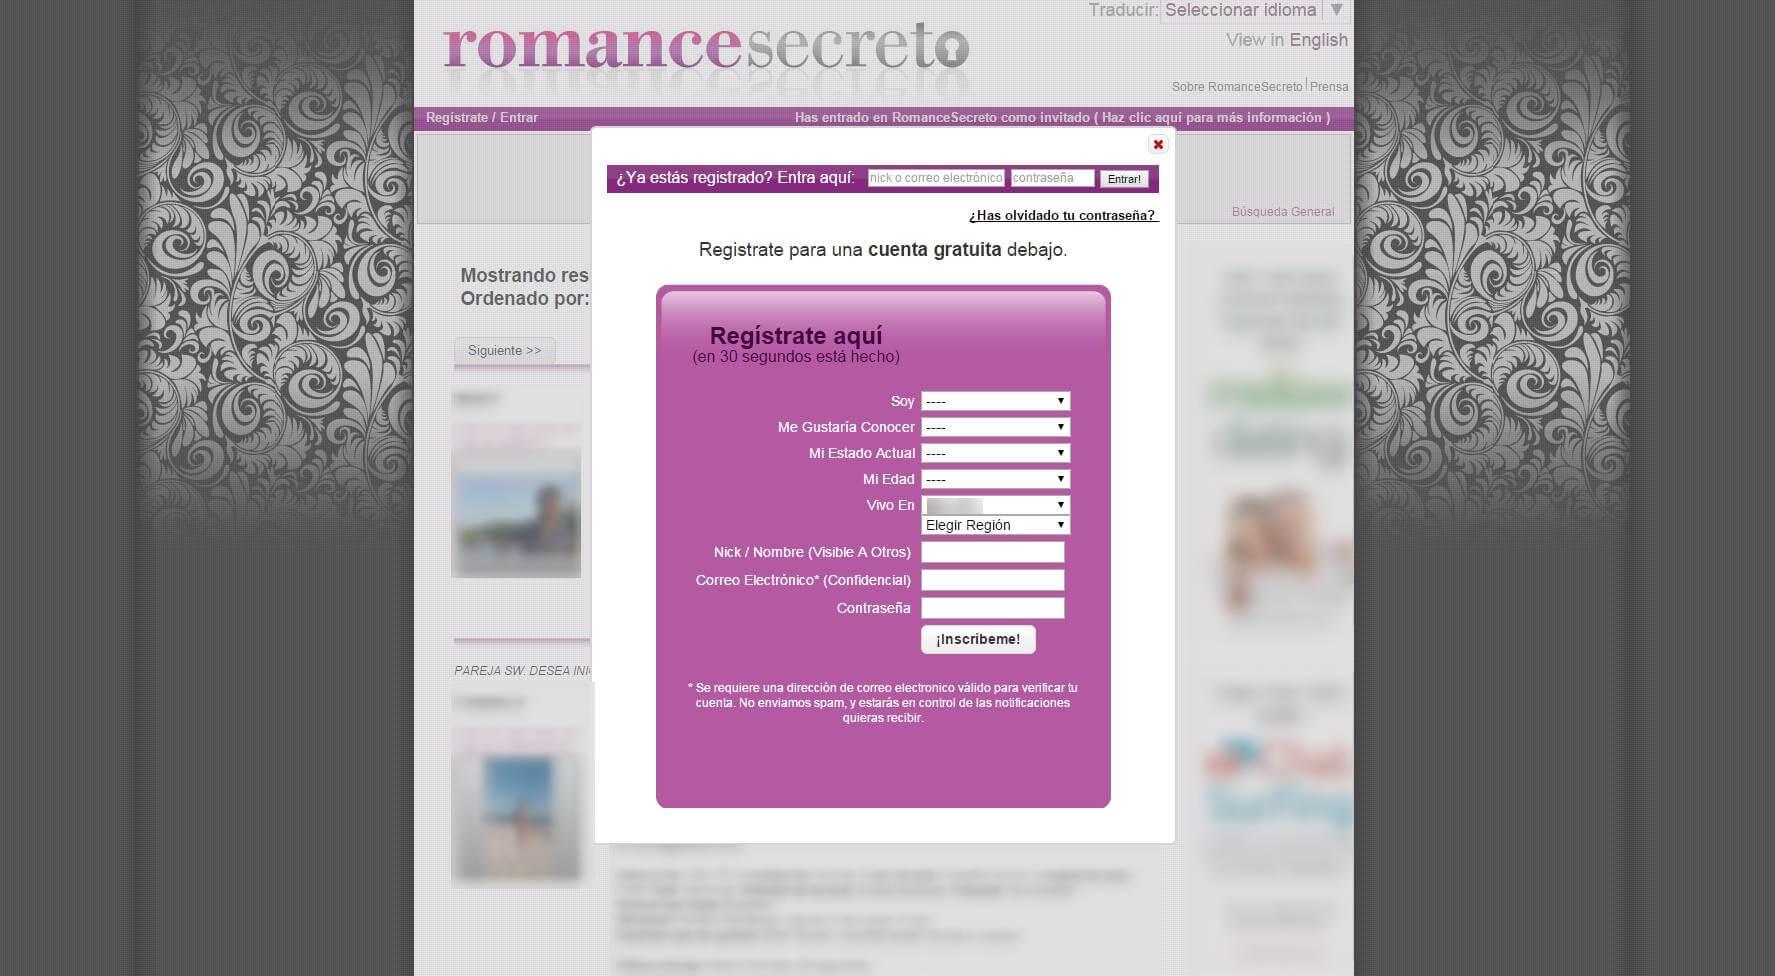 Registro en Romancesecreto